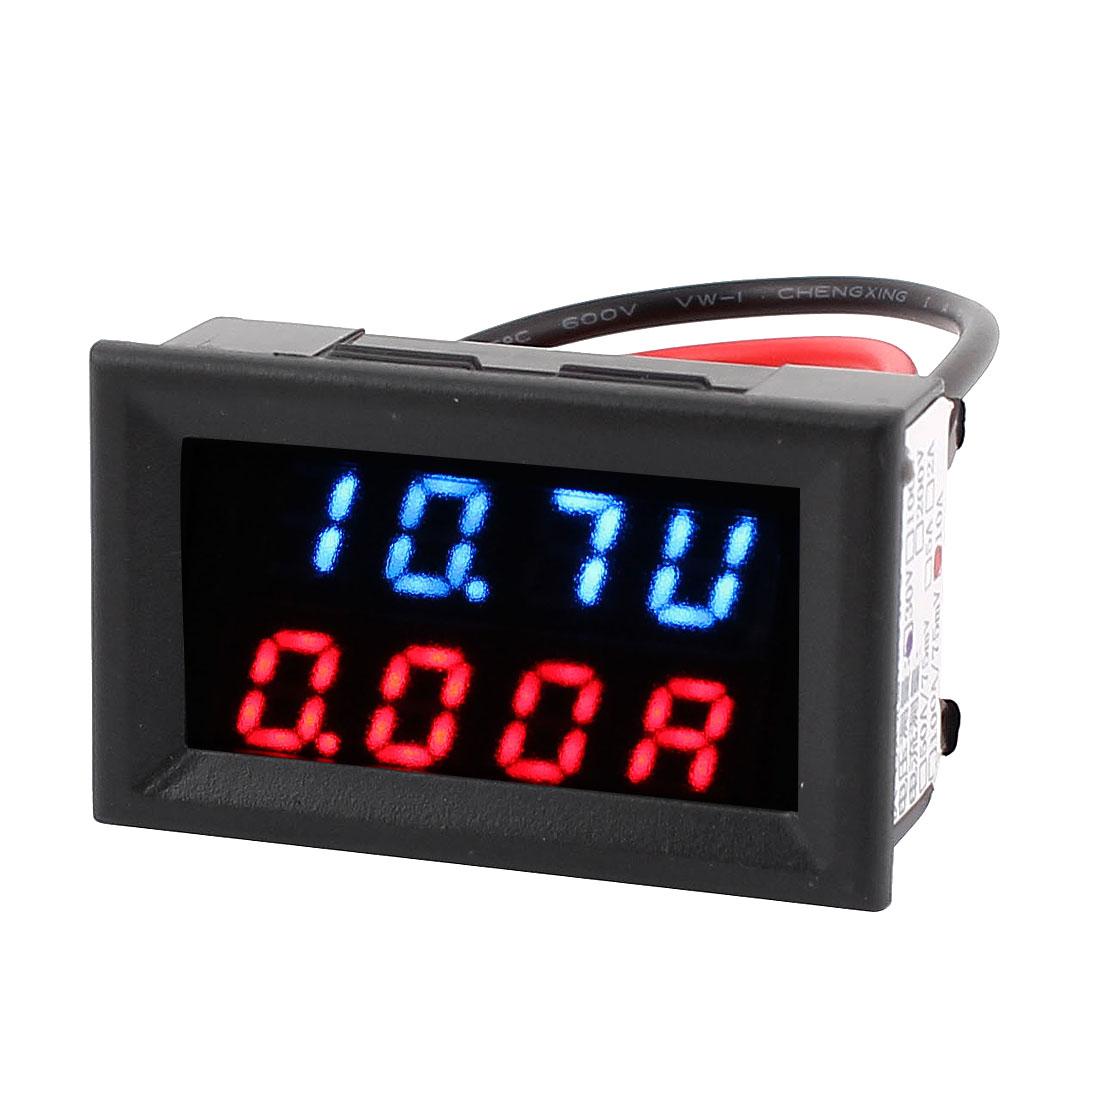 DC 4-30V 0-10A Dual LED Digital Battery Tester Monitor Voltage Current Meter